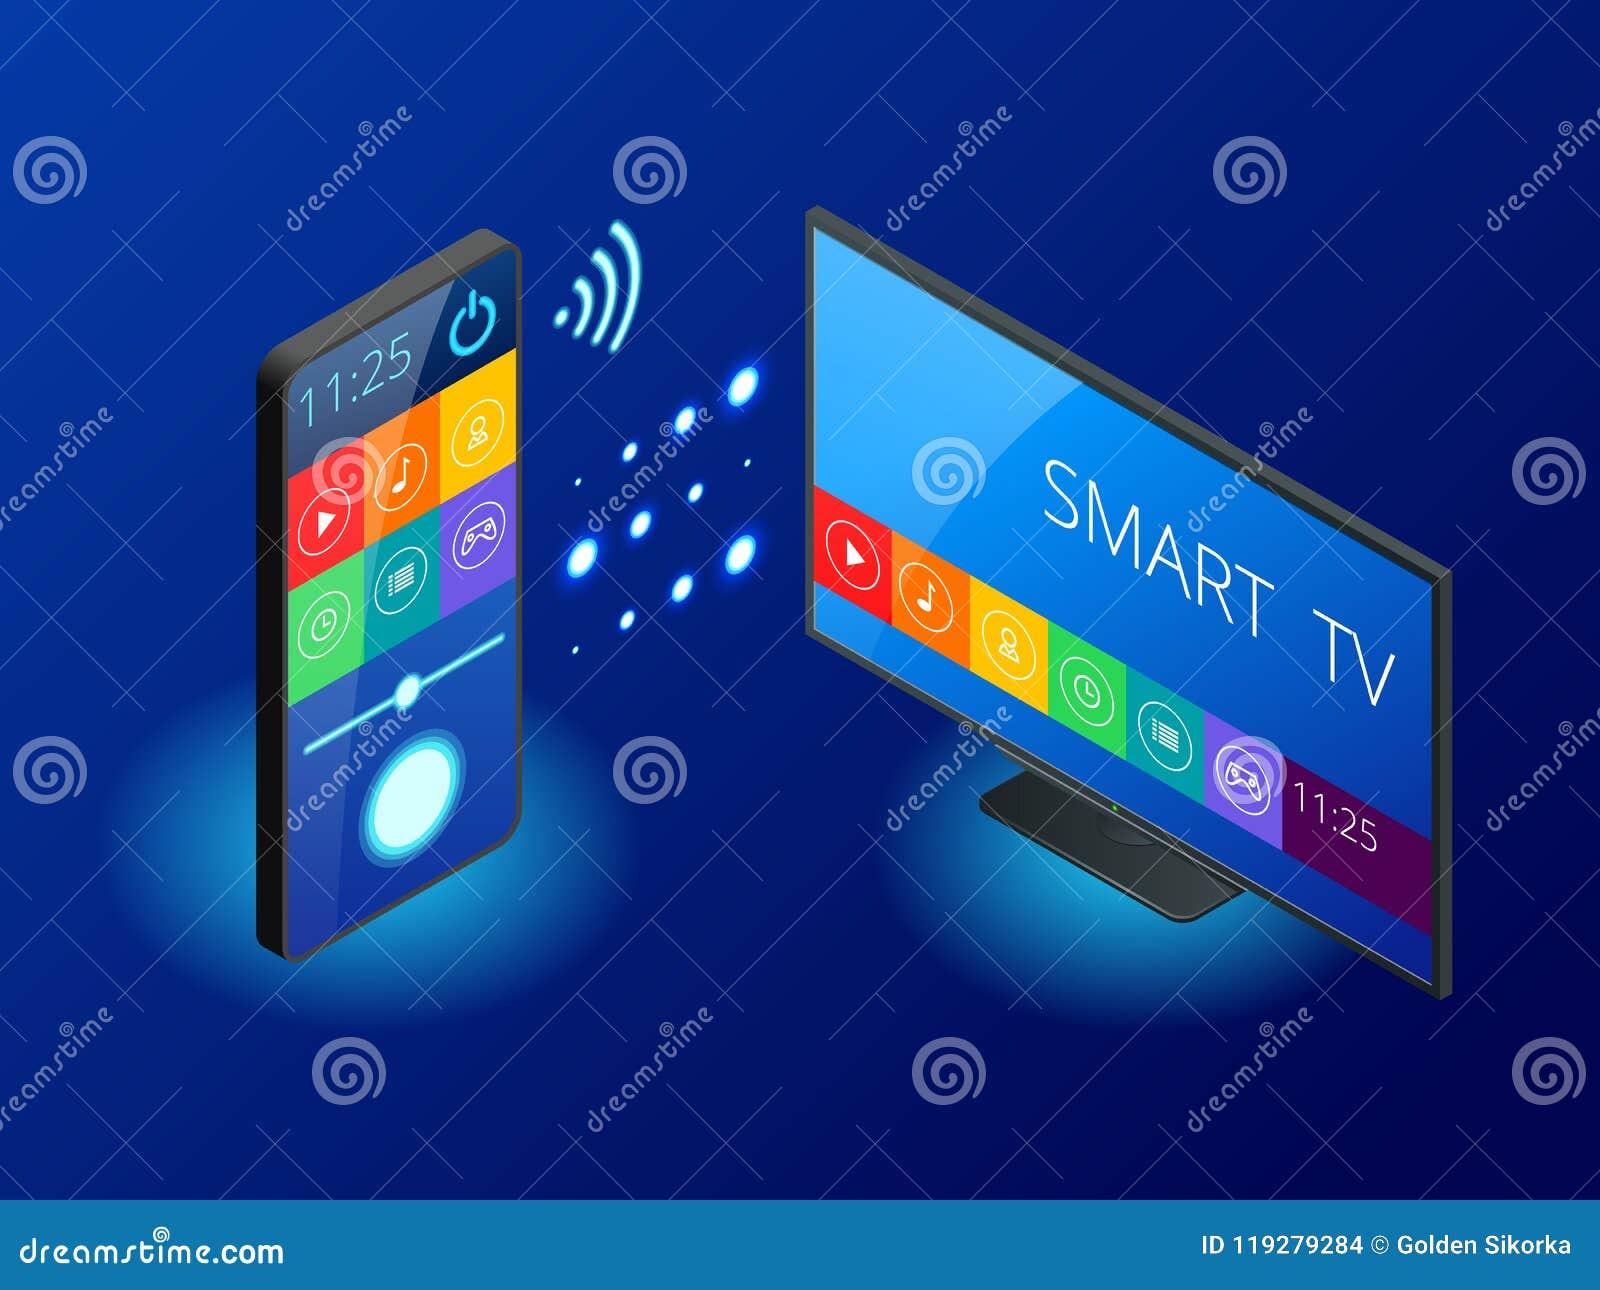 Isometrische Slimme TV wordt gecontroleerd door een smartphone, doorgeeft informatie via de wolk Slimme TV-interface app Vector